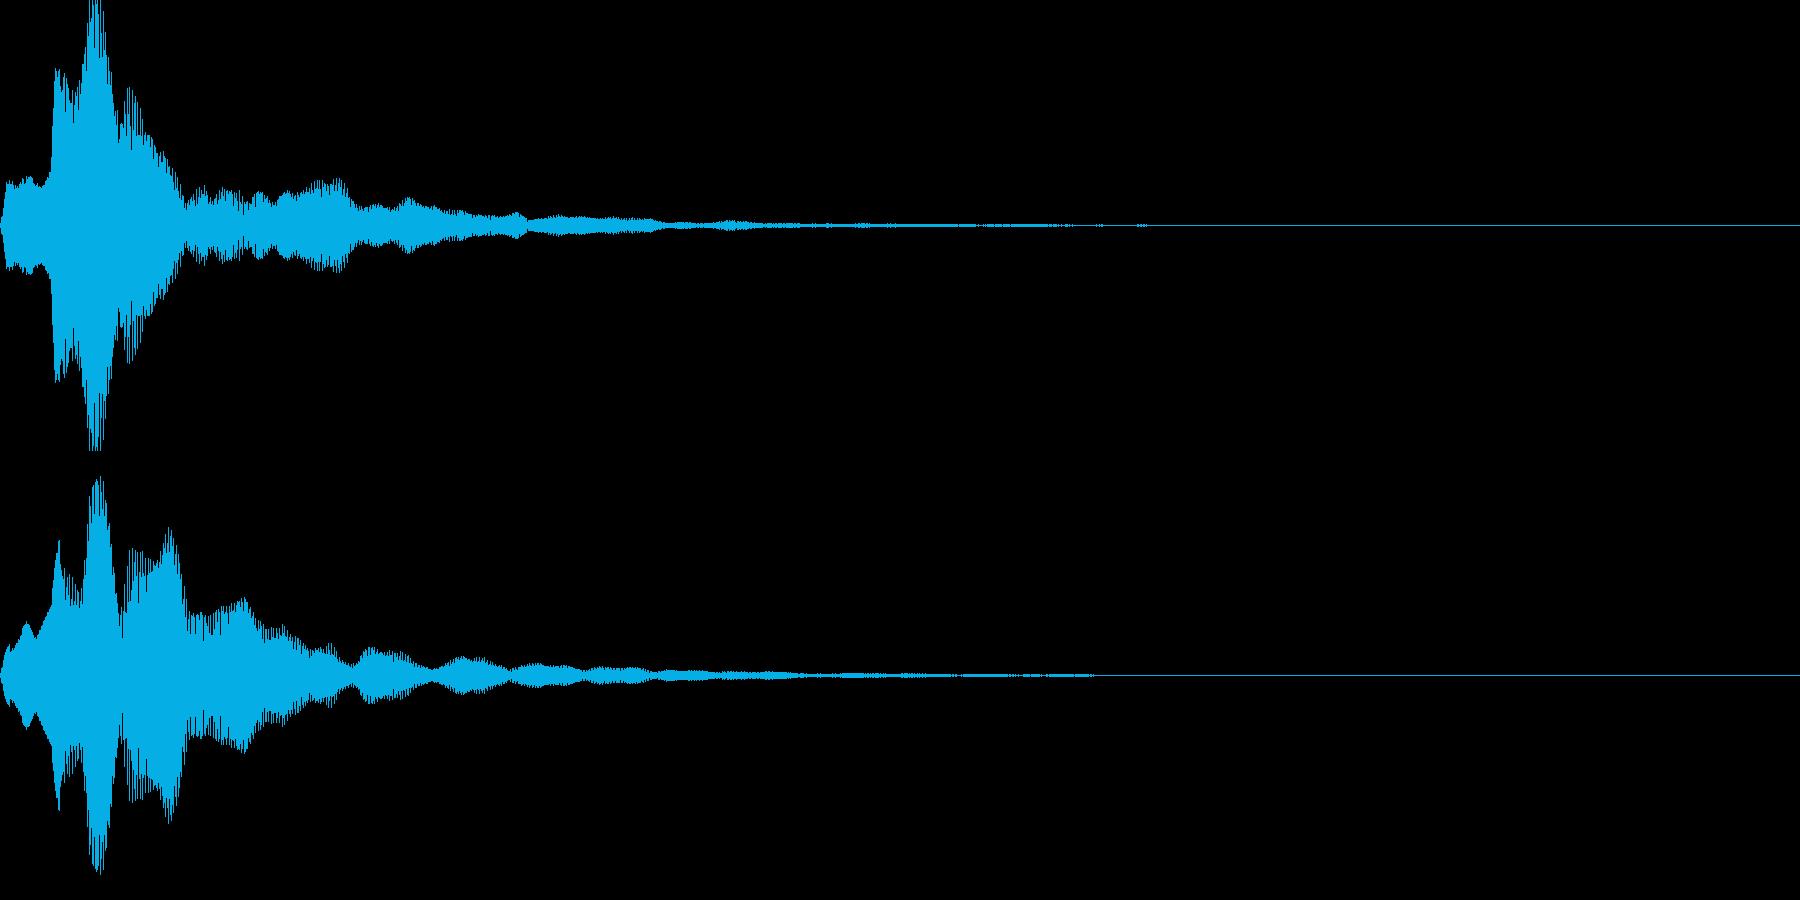 キャンセル音04の再生済みの波形